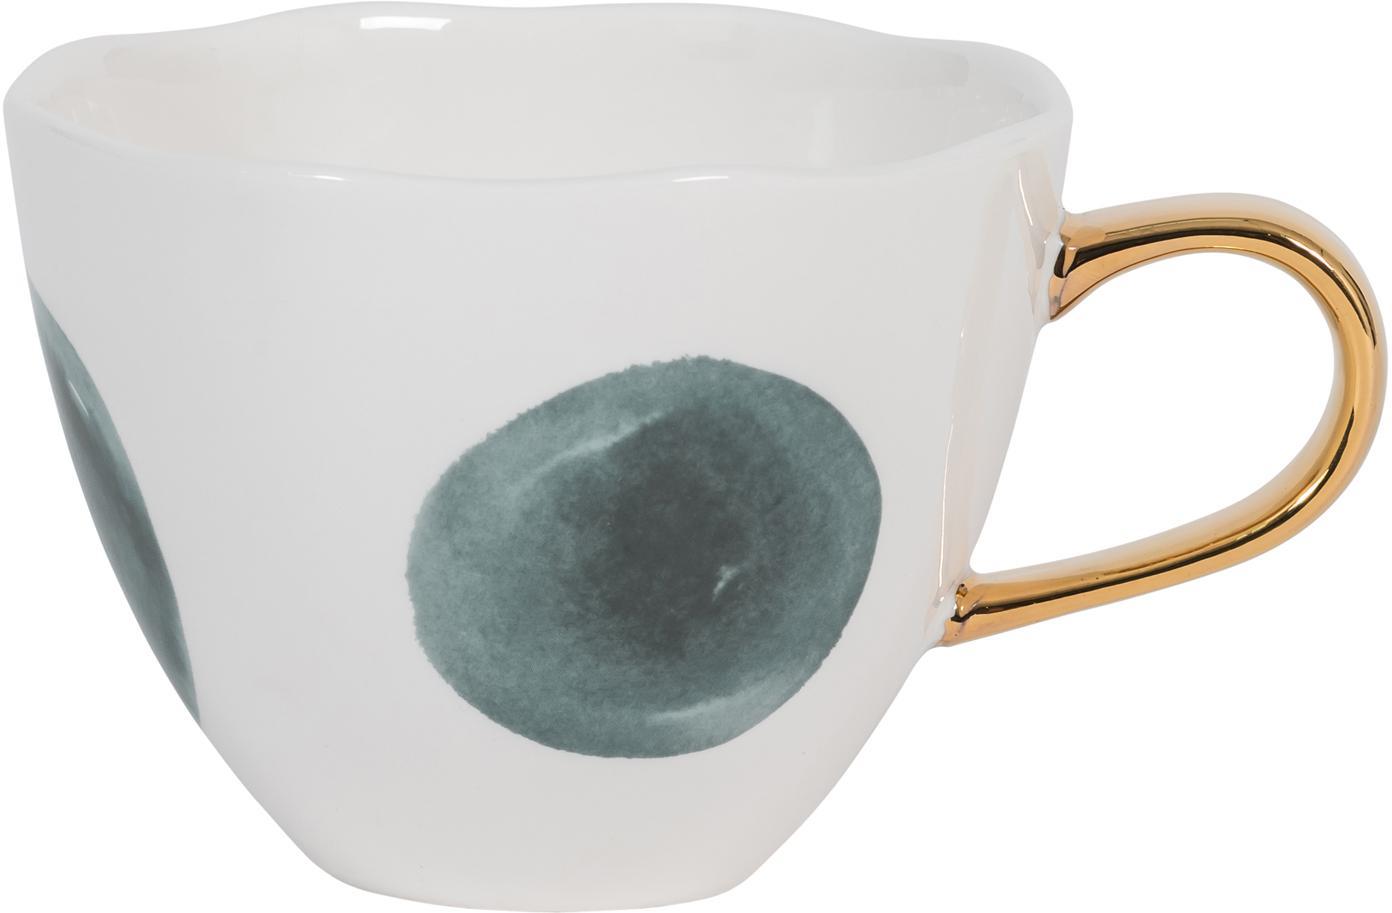 Gepunktete Tasse Good Morning mit goldenem Griff, Steingut, Weiß, Blau, Ø 11 x H 8 cm